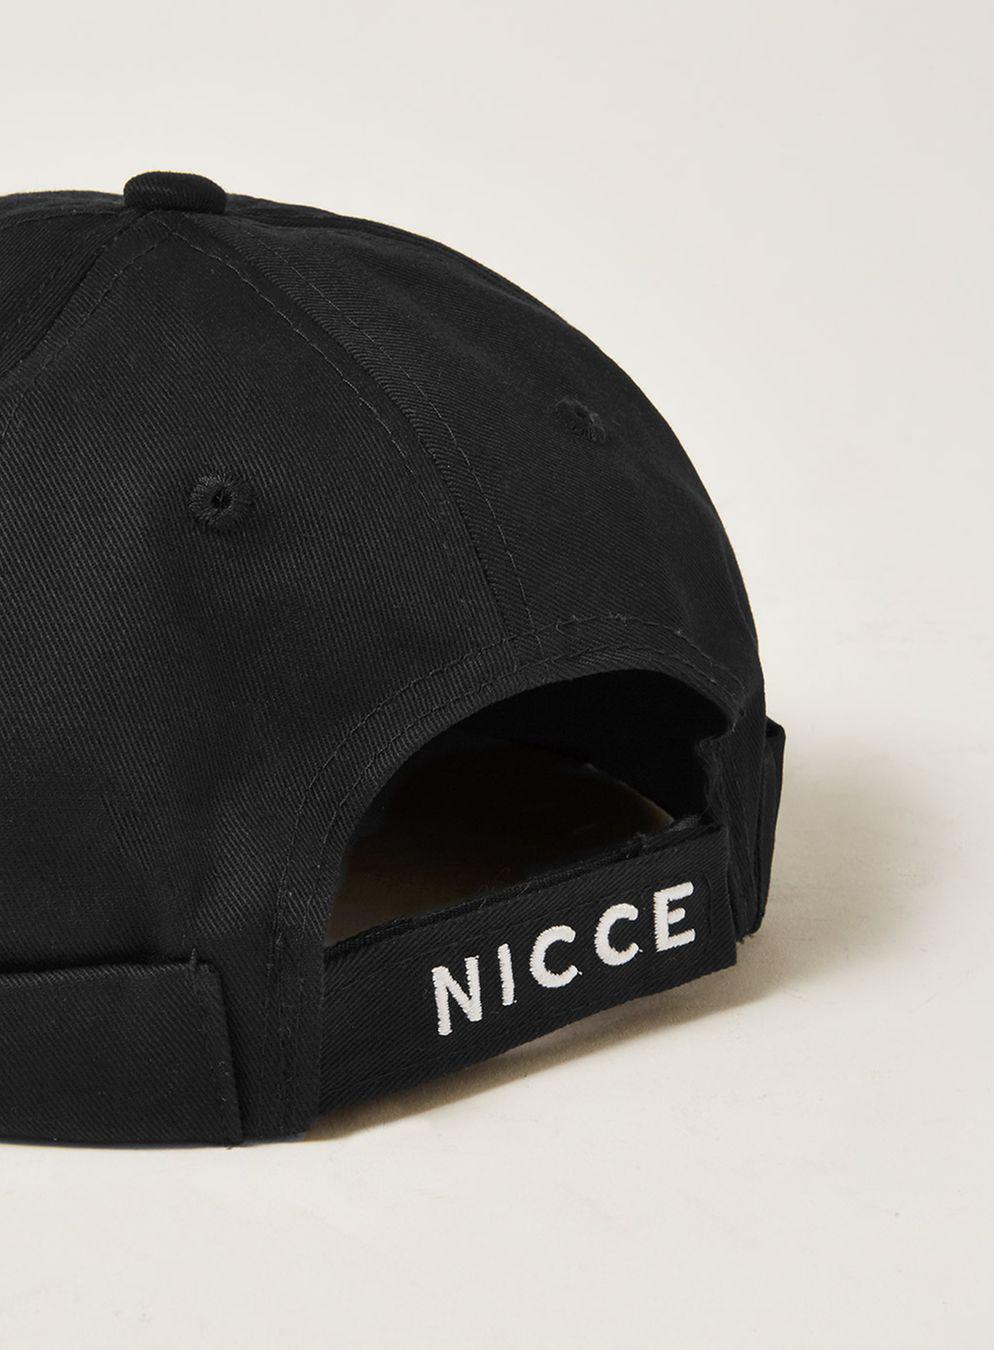 fab19002280 Lyst - Nicce London Black Docker Beanie in Black for Men